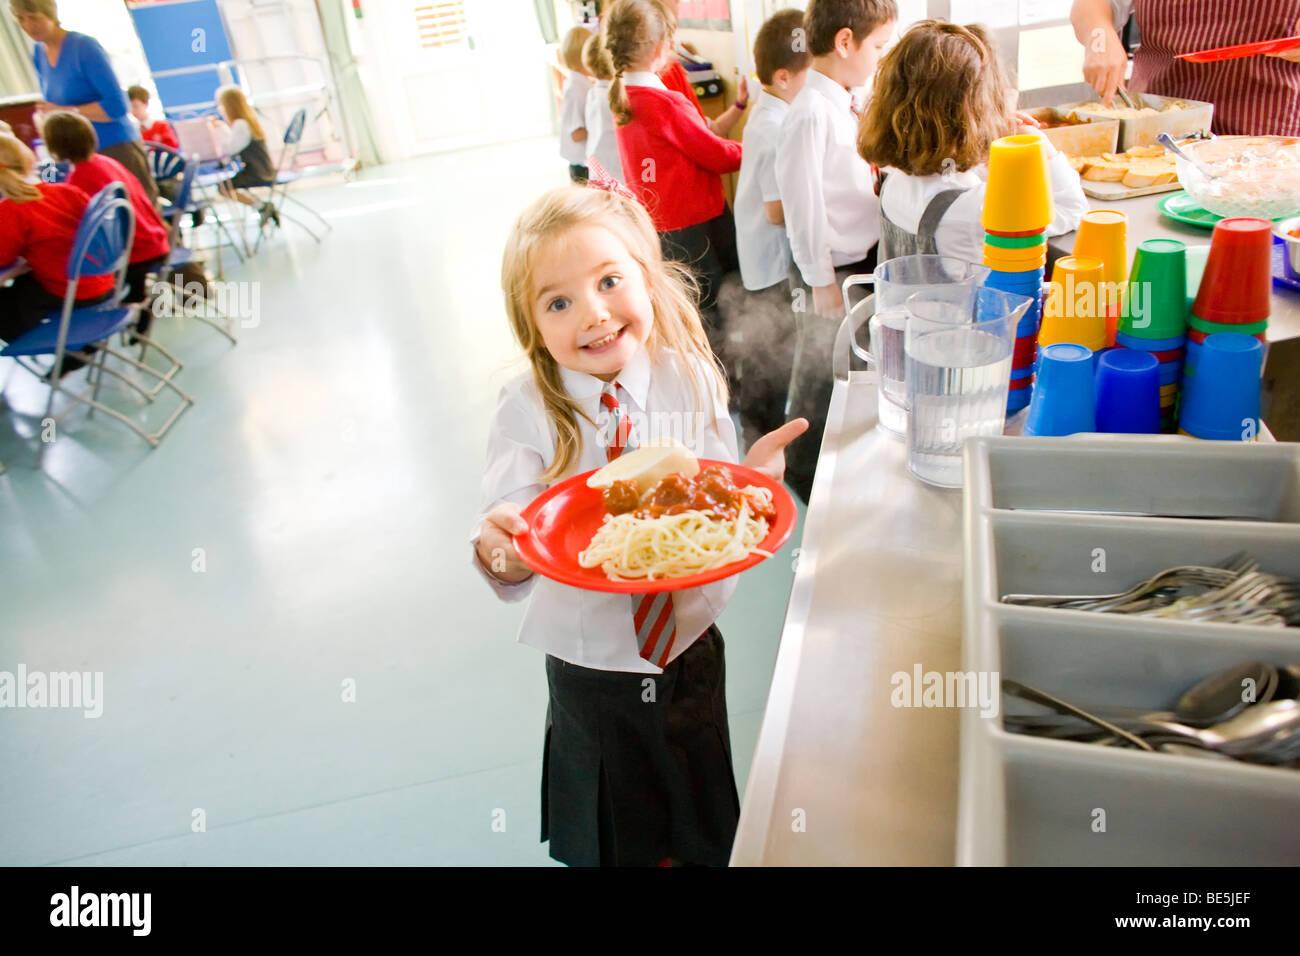 Cena en la escuela primaria reino unido Imagen De Stock